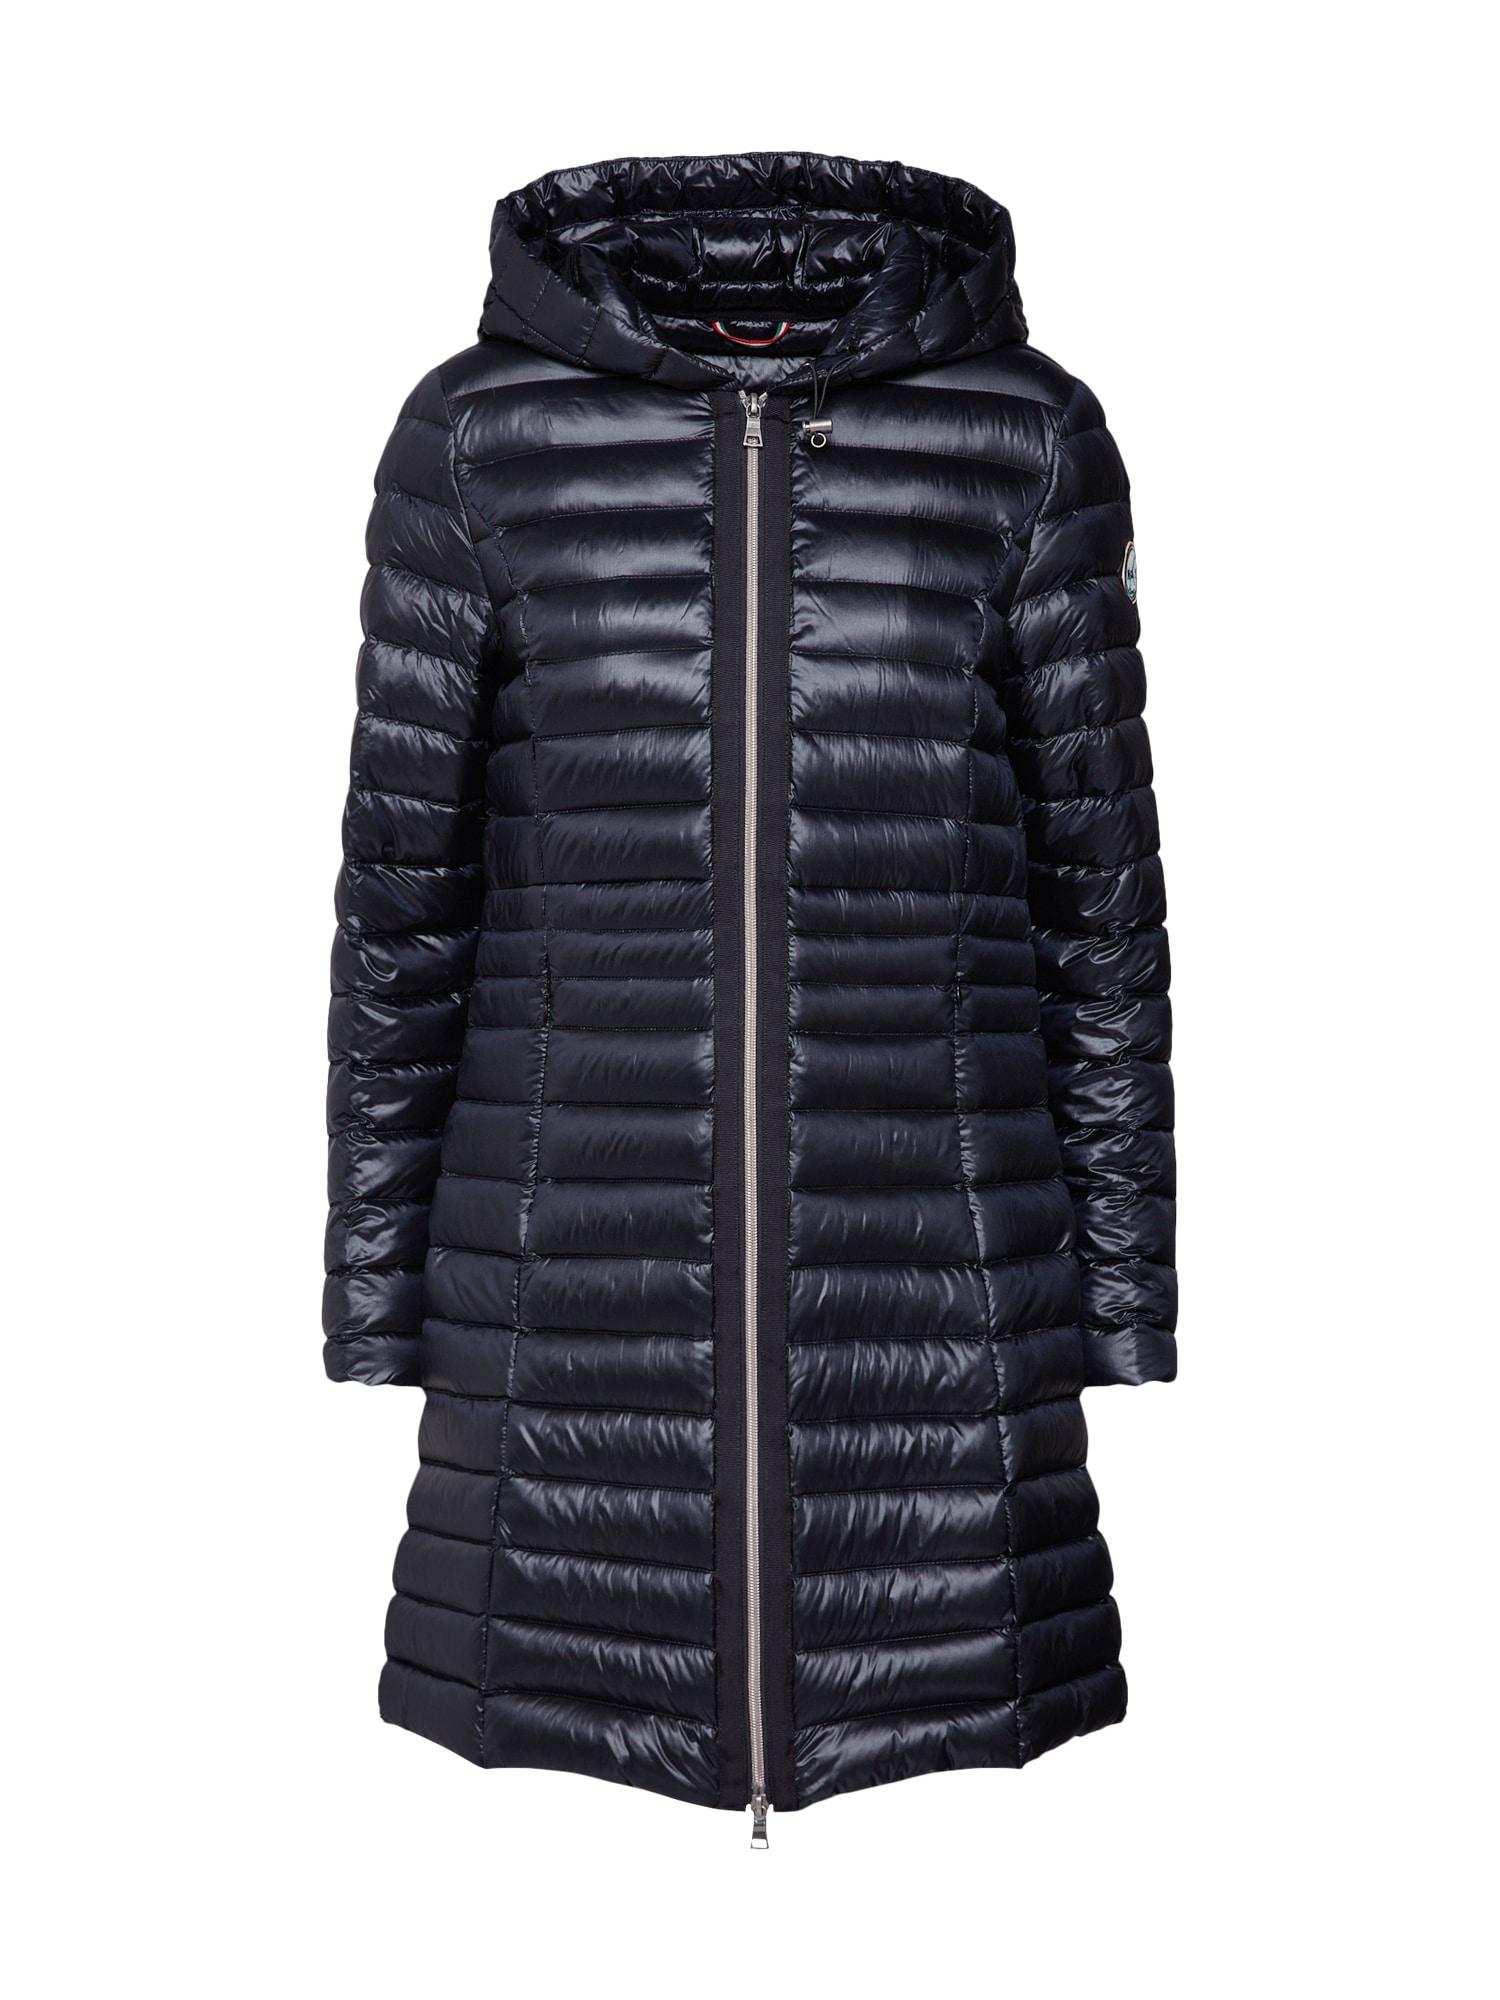 Přechodný kabát SOFIA černá No. 1 Como